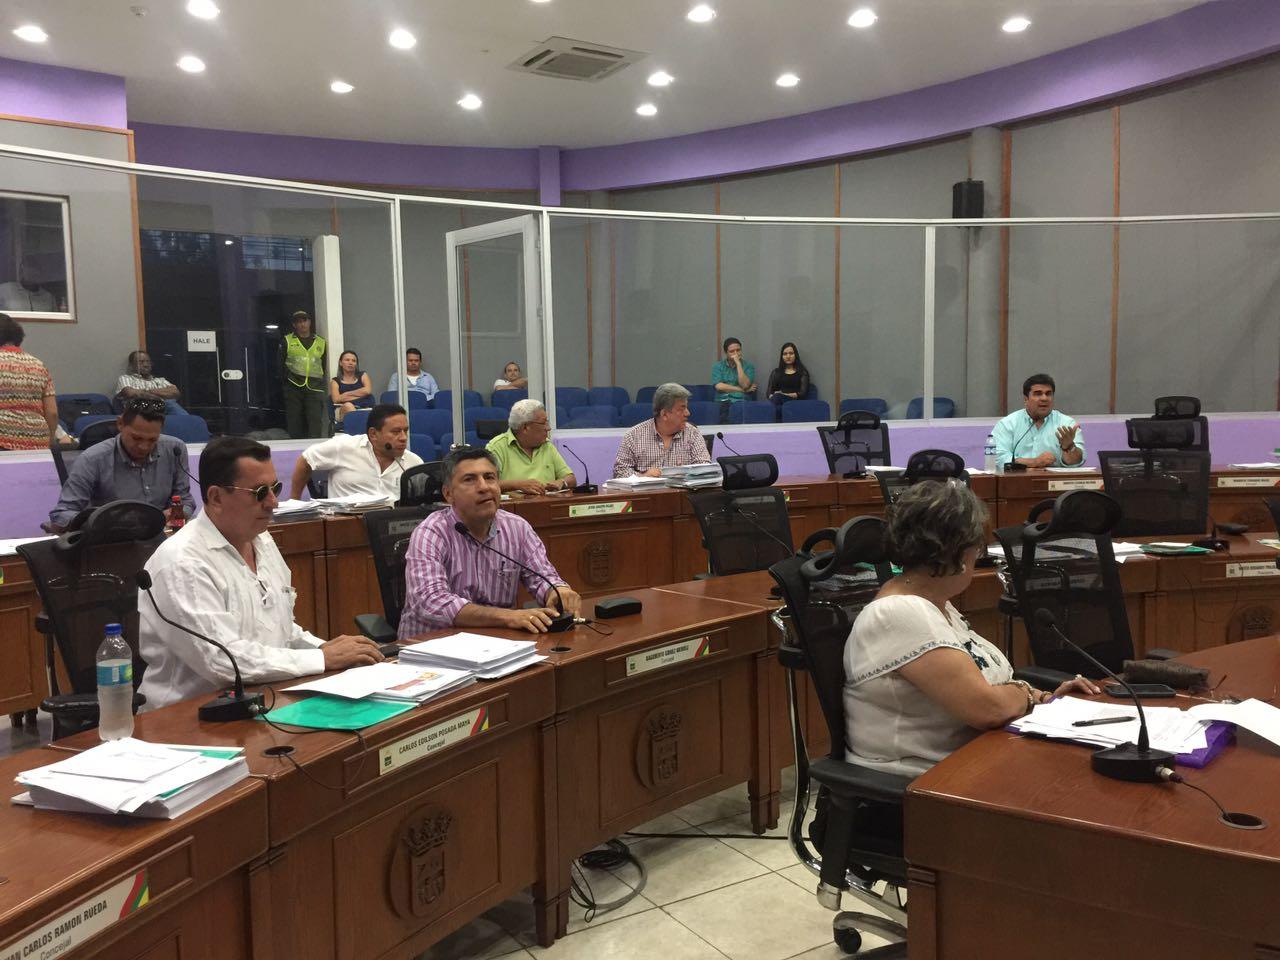 Piden decretar la caducidad del contrato de remodelación del Estadio de Neiva